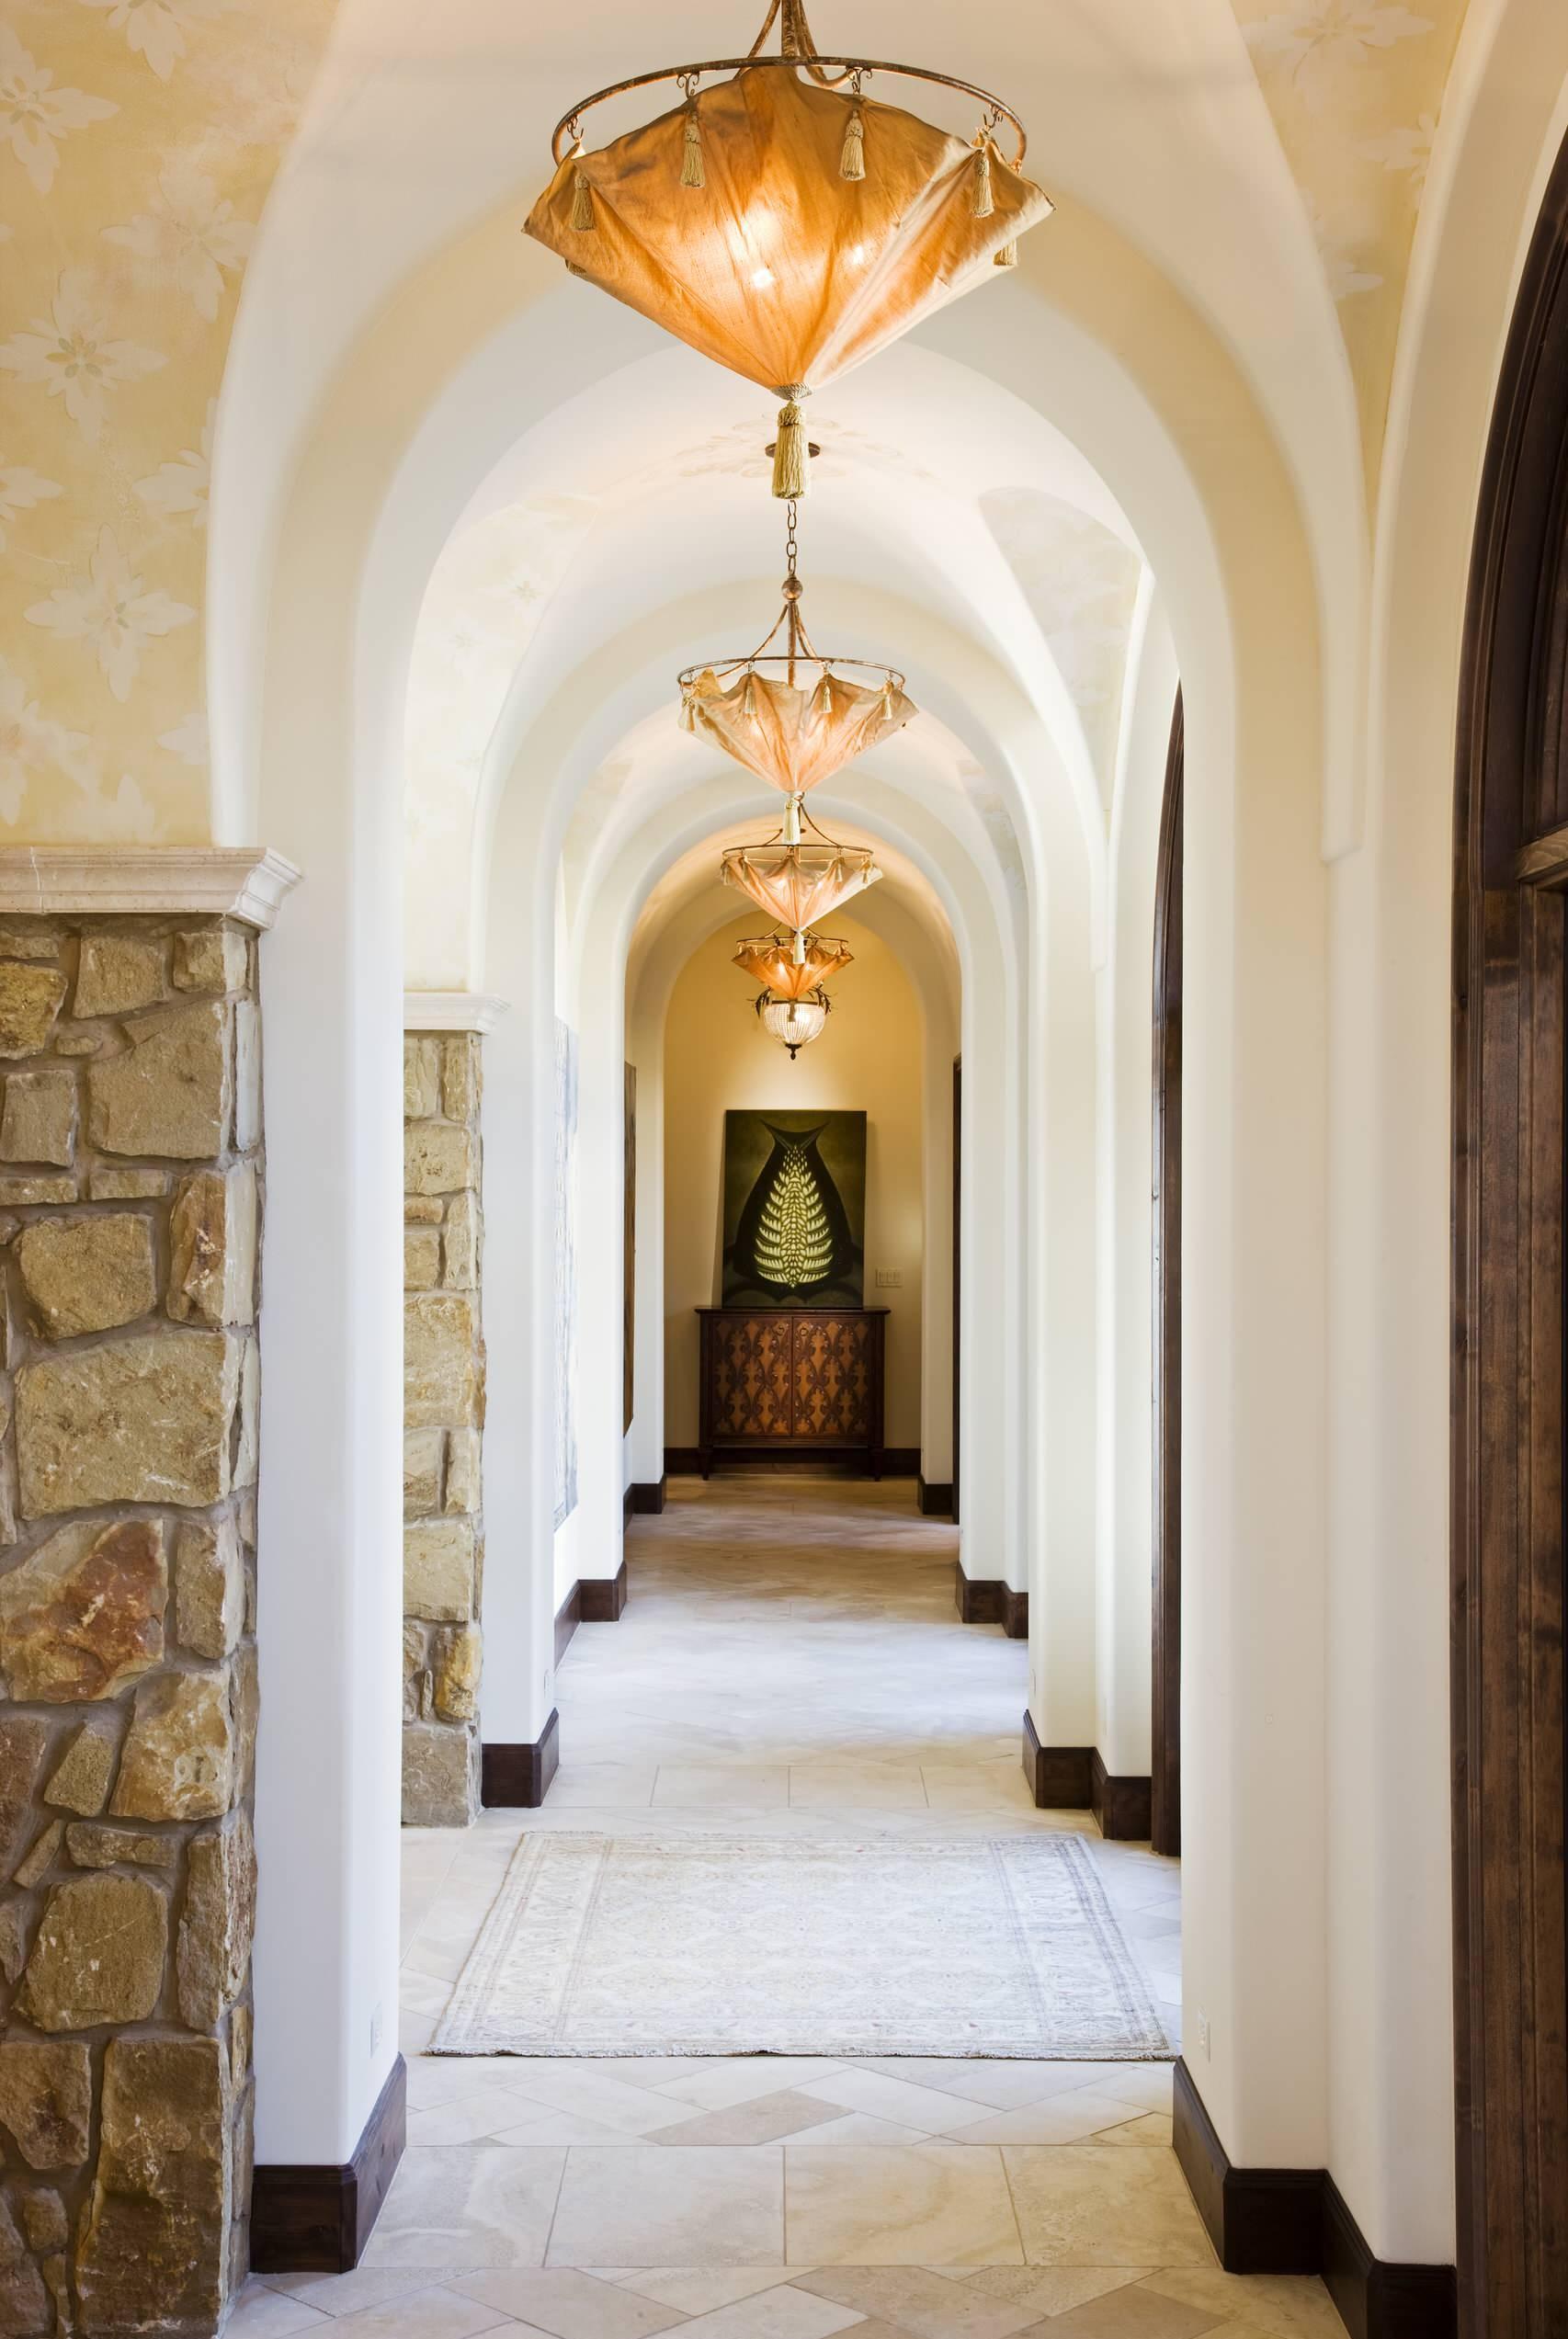 Дизайн коридора с аркой и сводчатым потолком